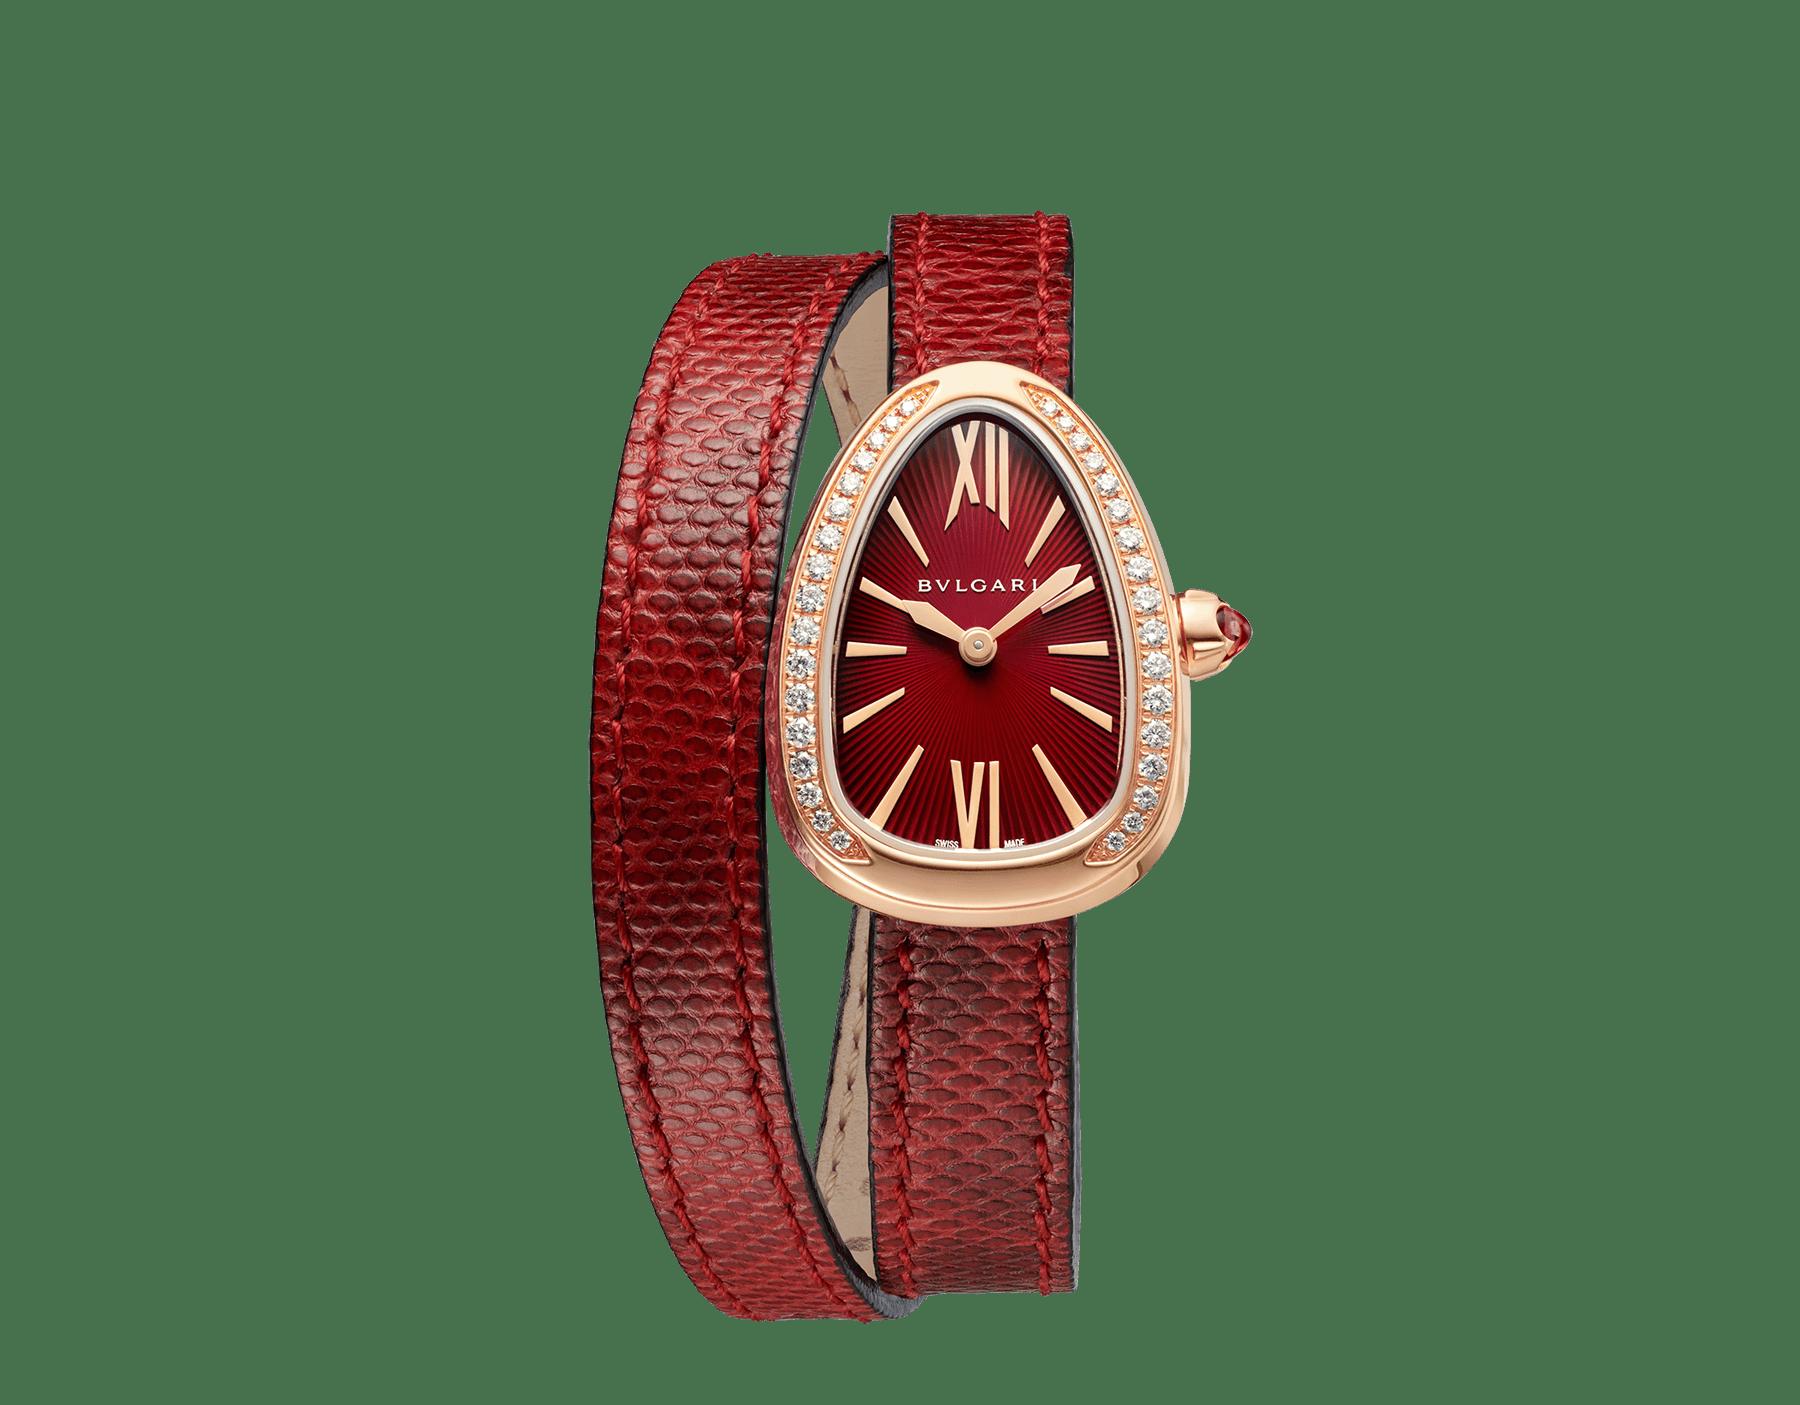 세르펜티. 18kt 로즈 골드 소재에 브릴리언트컷 다이아몬드가 세팅된 케이스, 레드 래커 다이얼, 교체 가능한 레드 카룽 레더 2줄 브레이슬릿 102730 image 1